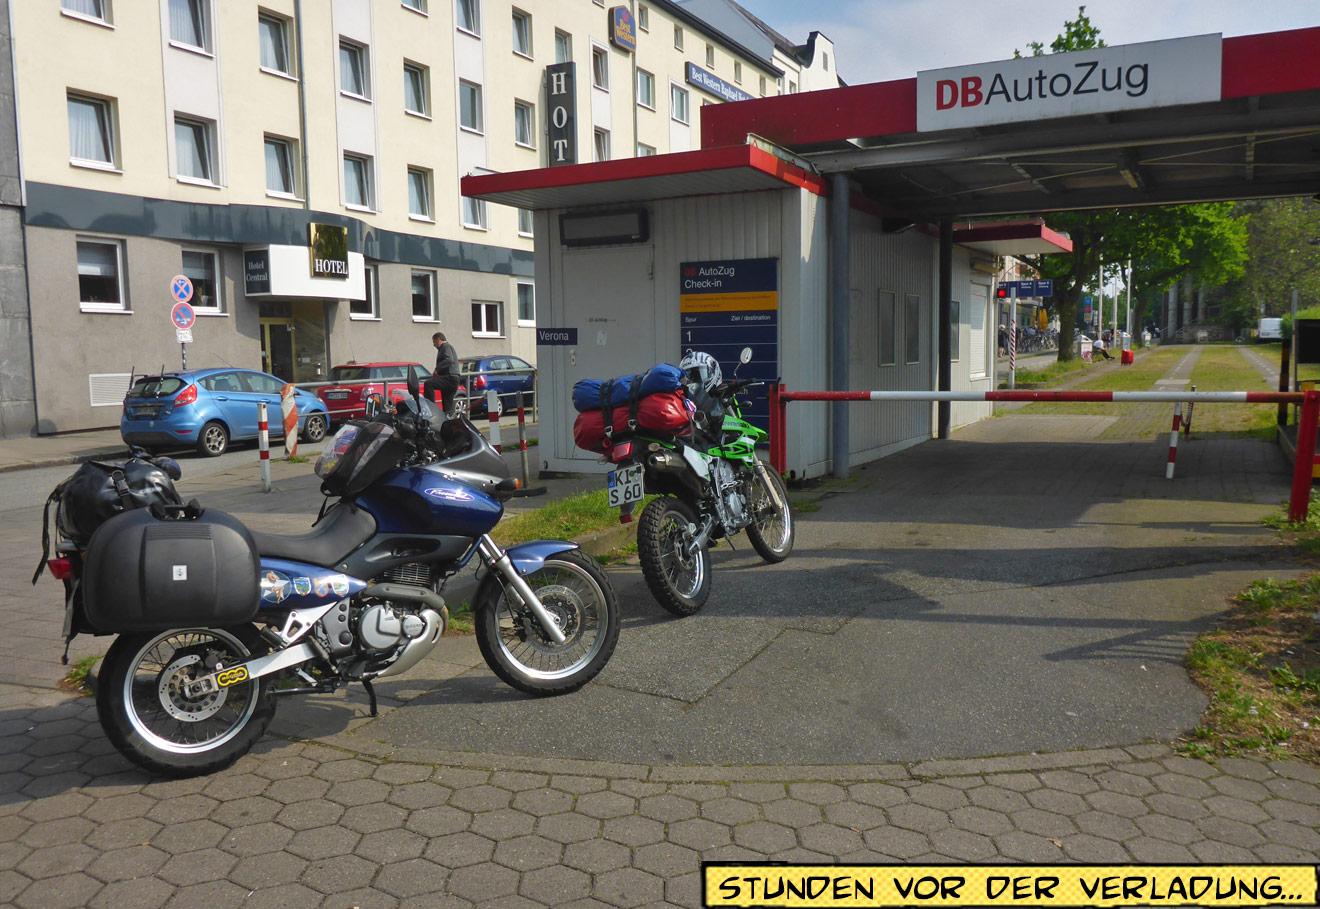 Autozug Check-In Hamburg Altona